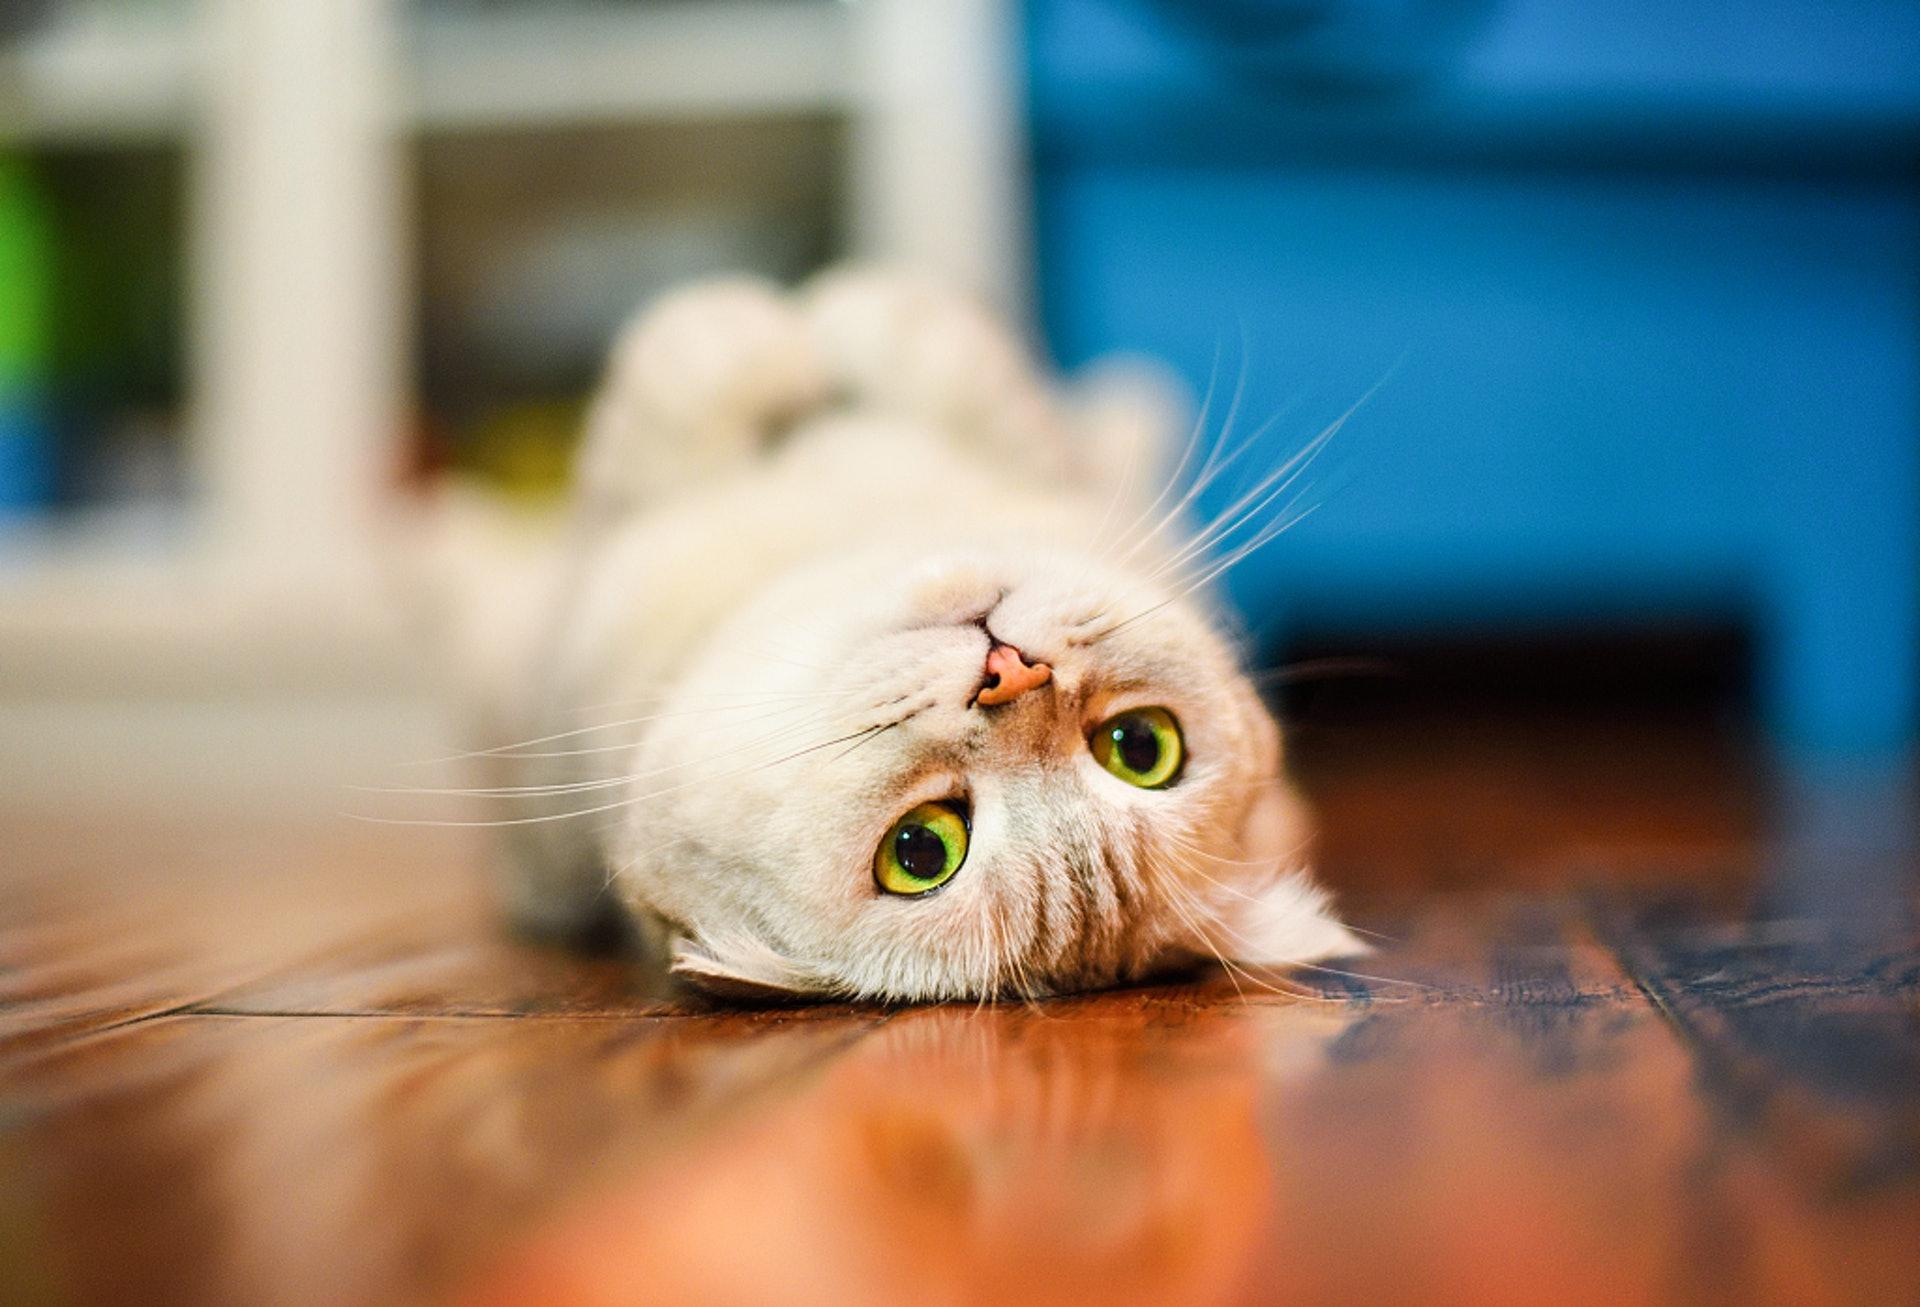 當貓貓感到痛楚,生活習慣和心理均有影響。(VCG)